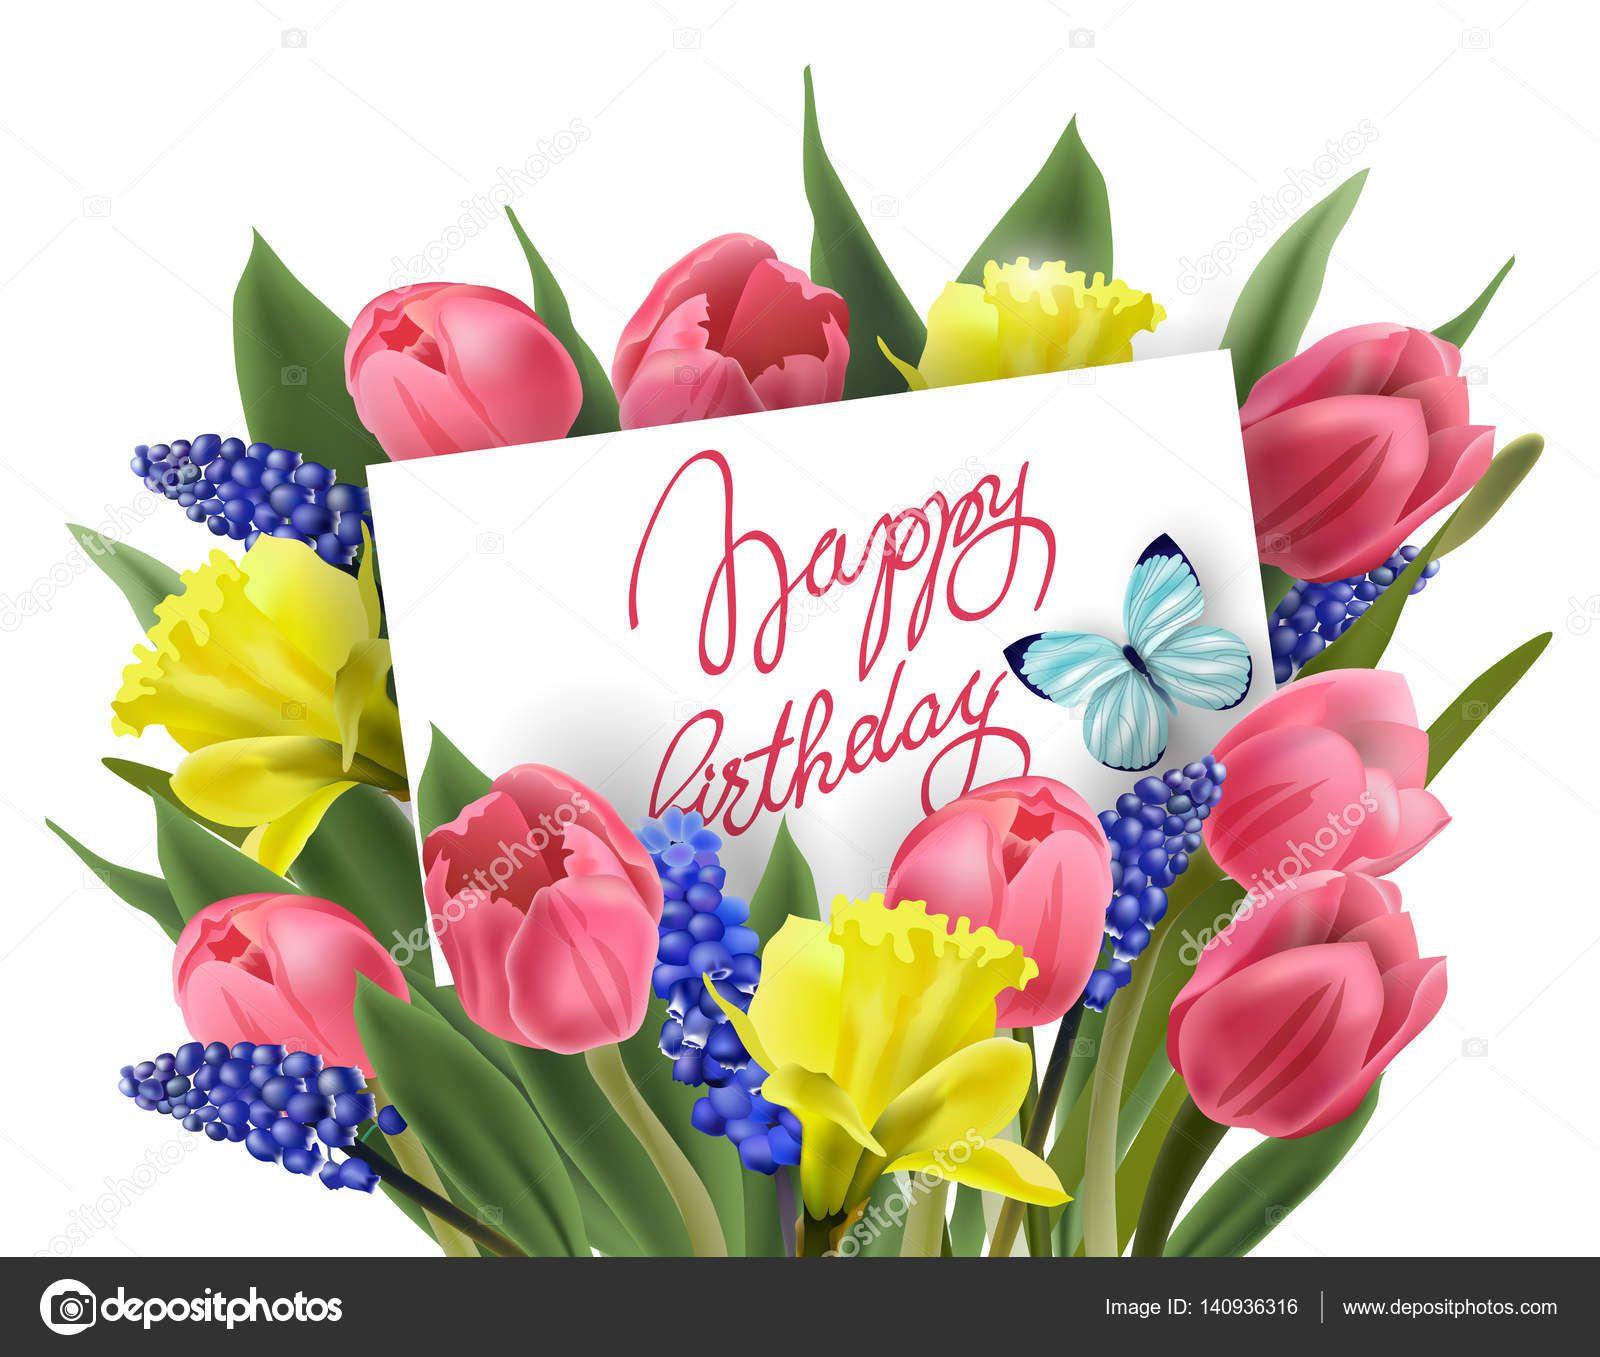 Blumen Zum Geburtstag  Bilder Alles Gute Zum Geburtstag Blumen